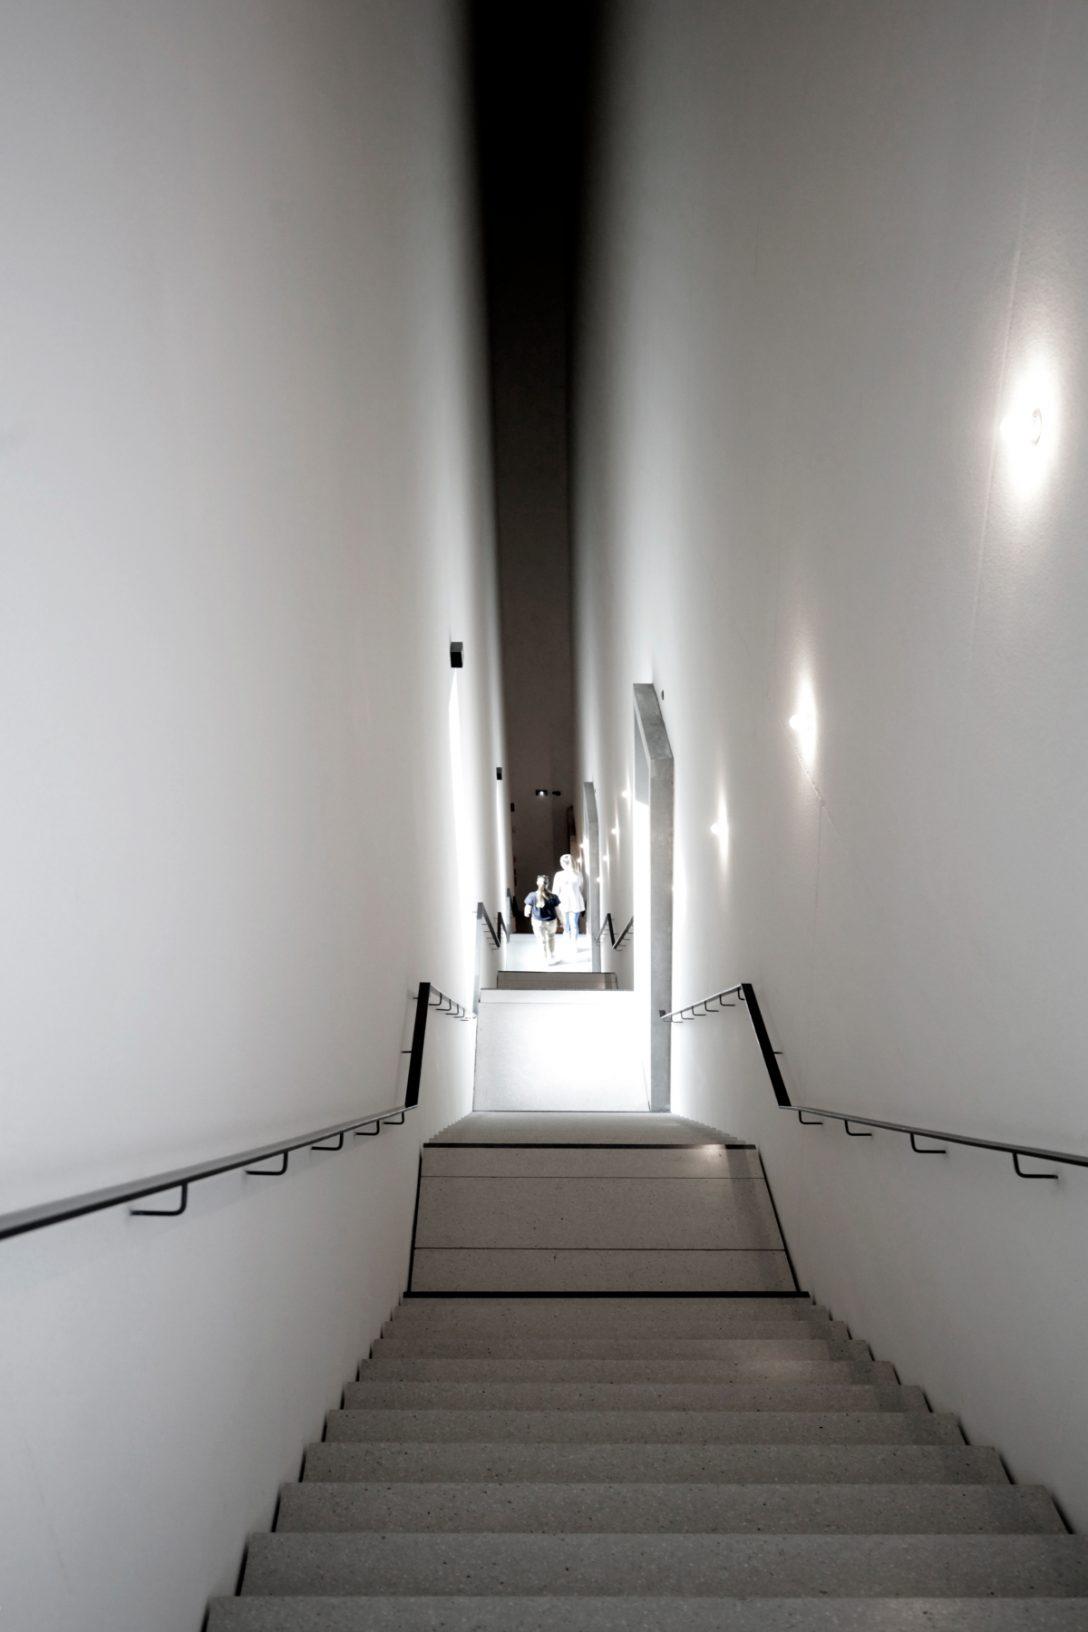 Large Size of Bauhaus Fenster Fensterdichtungsband Fenstergriff Einbauen Kosten Fensterbank Granit Baumarkt Fensterfolie Lassen Sichtschutz Fensterdichtungen Einbau Schwarz Fenster Bauhaus Fenster